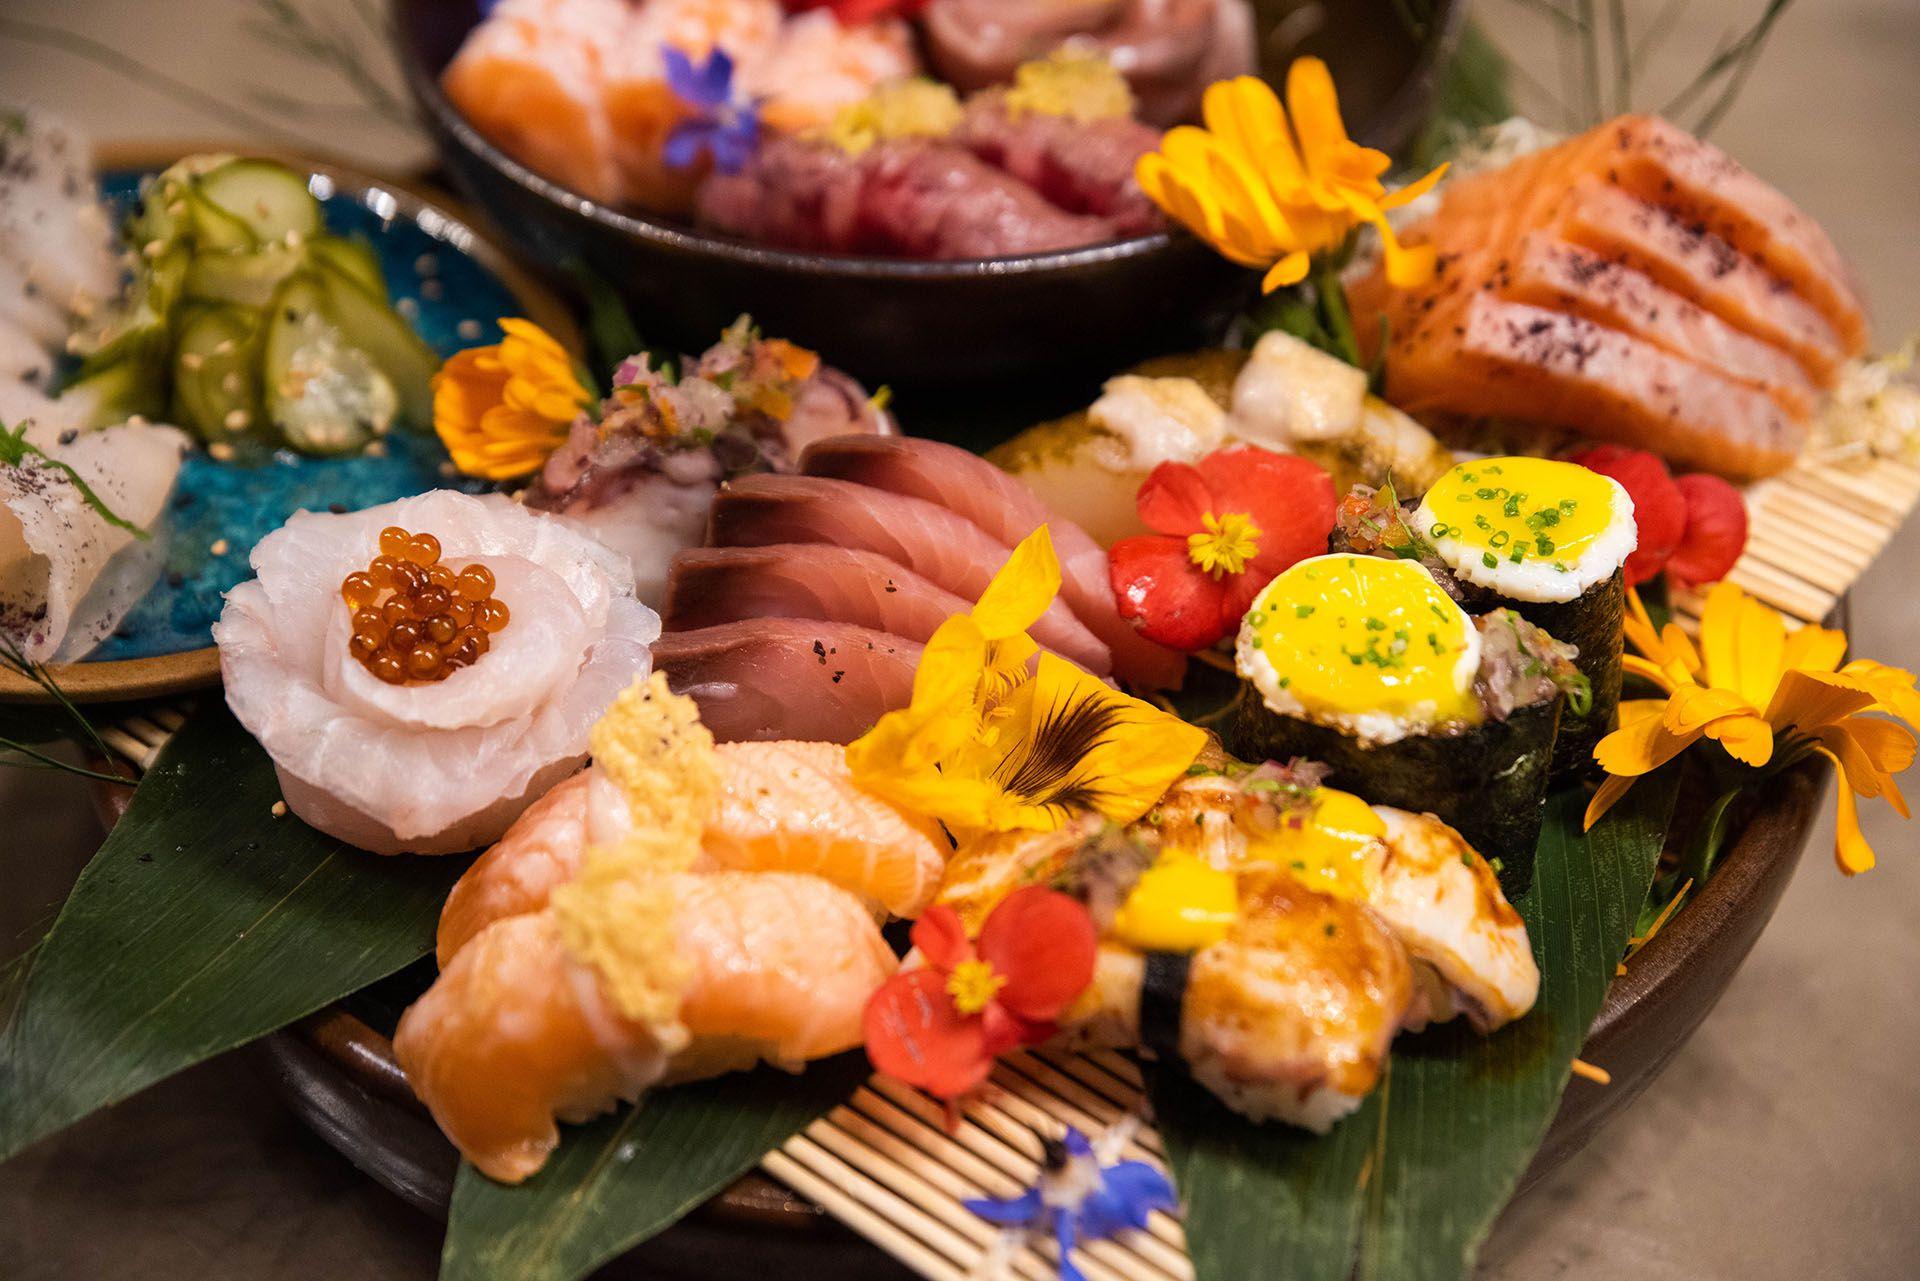 El sushi, tanto por el producto que sirven como por la presentación y la fusión alcanzada, sin dudas se ha convertido en uno de los platos preferidos de sus comensales (Franco Fafasuli)